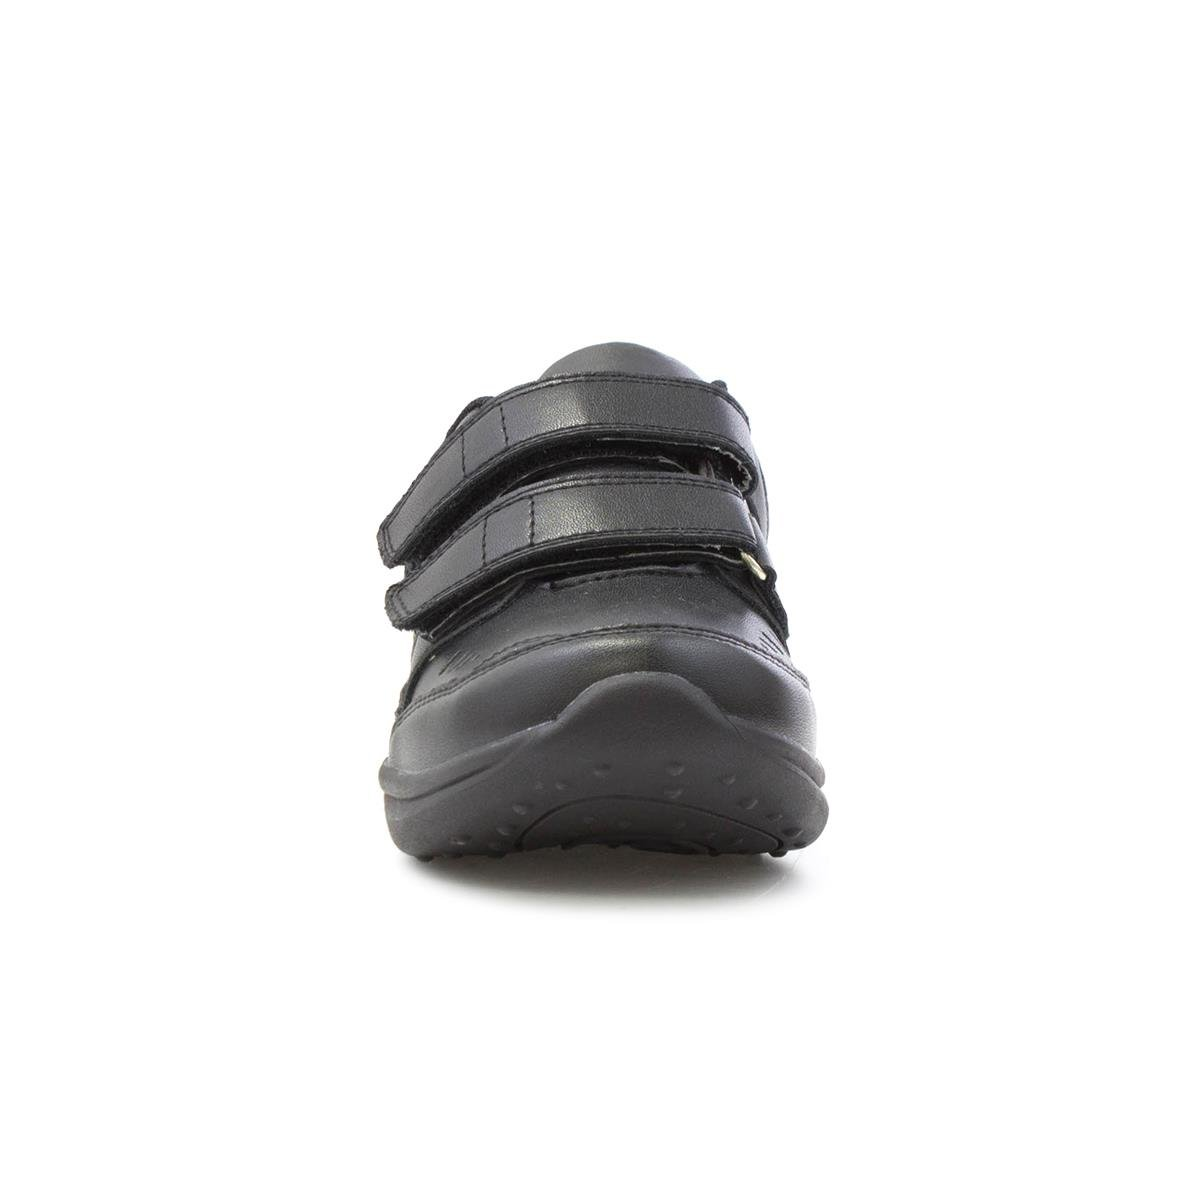 Beckett Boys Black Riptape Coated Leather Shoe Sizes 9,10,11,12,13,1,2,3,4,5,6